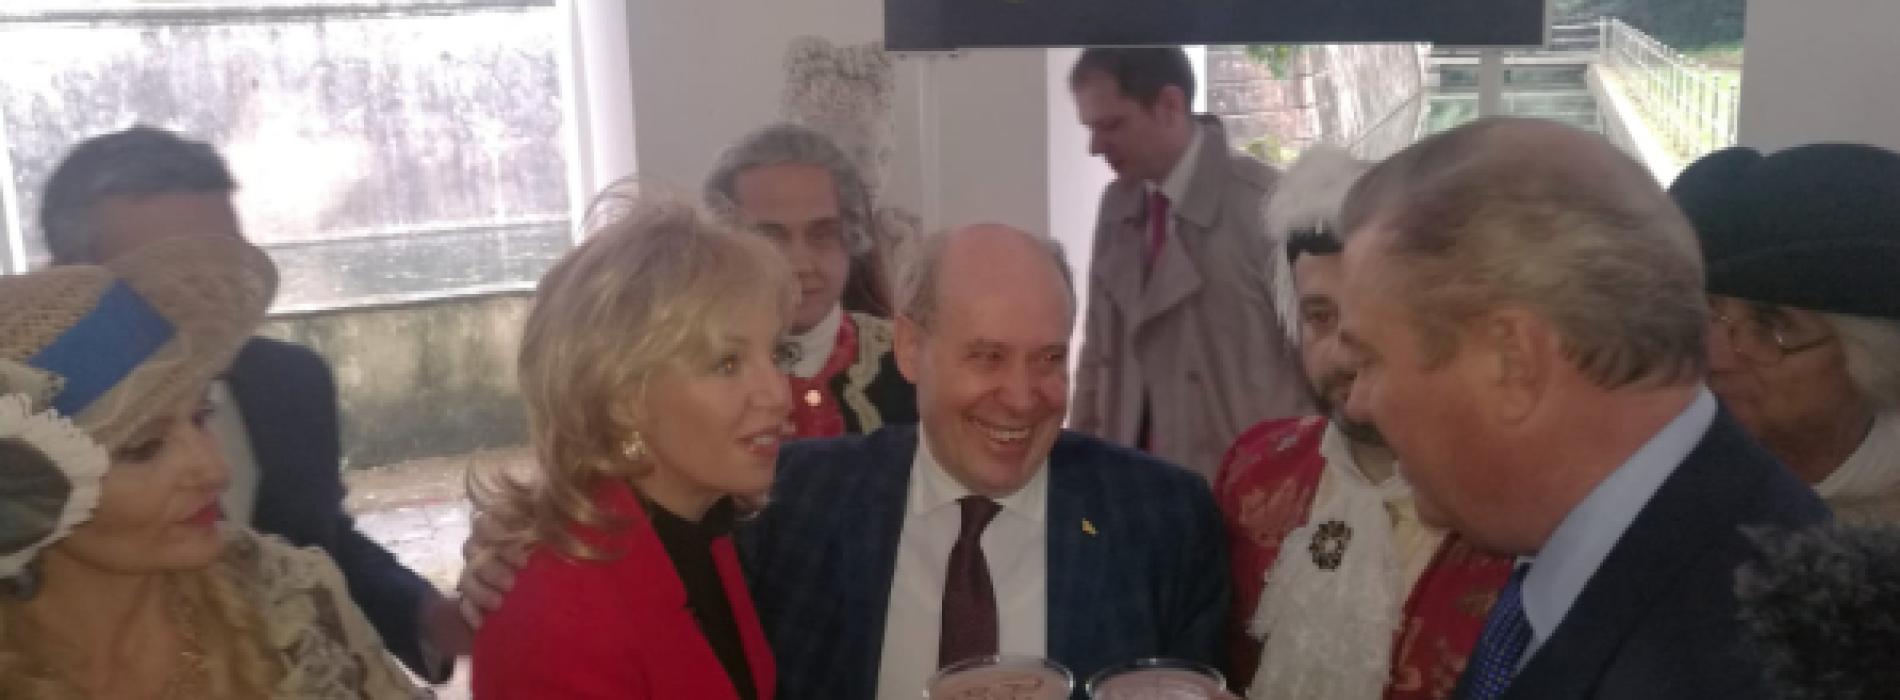 Giacomo Serao, il cocktail per festeggiare Carlo e Camilla